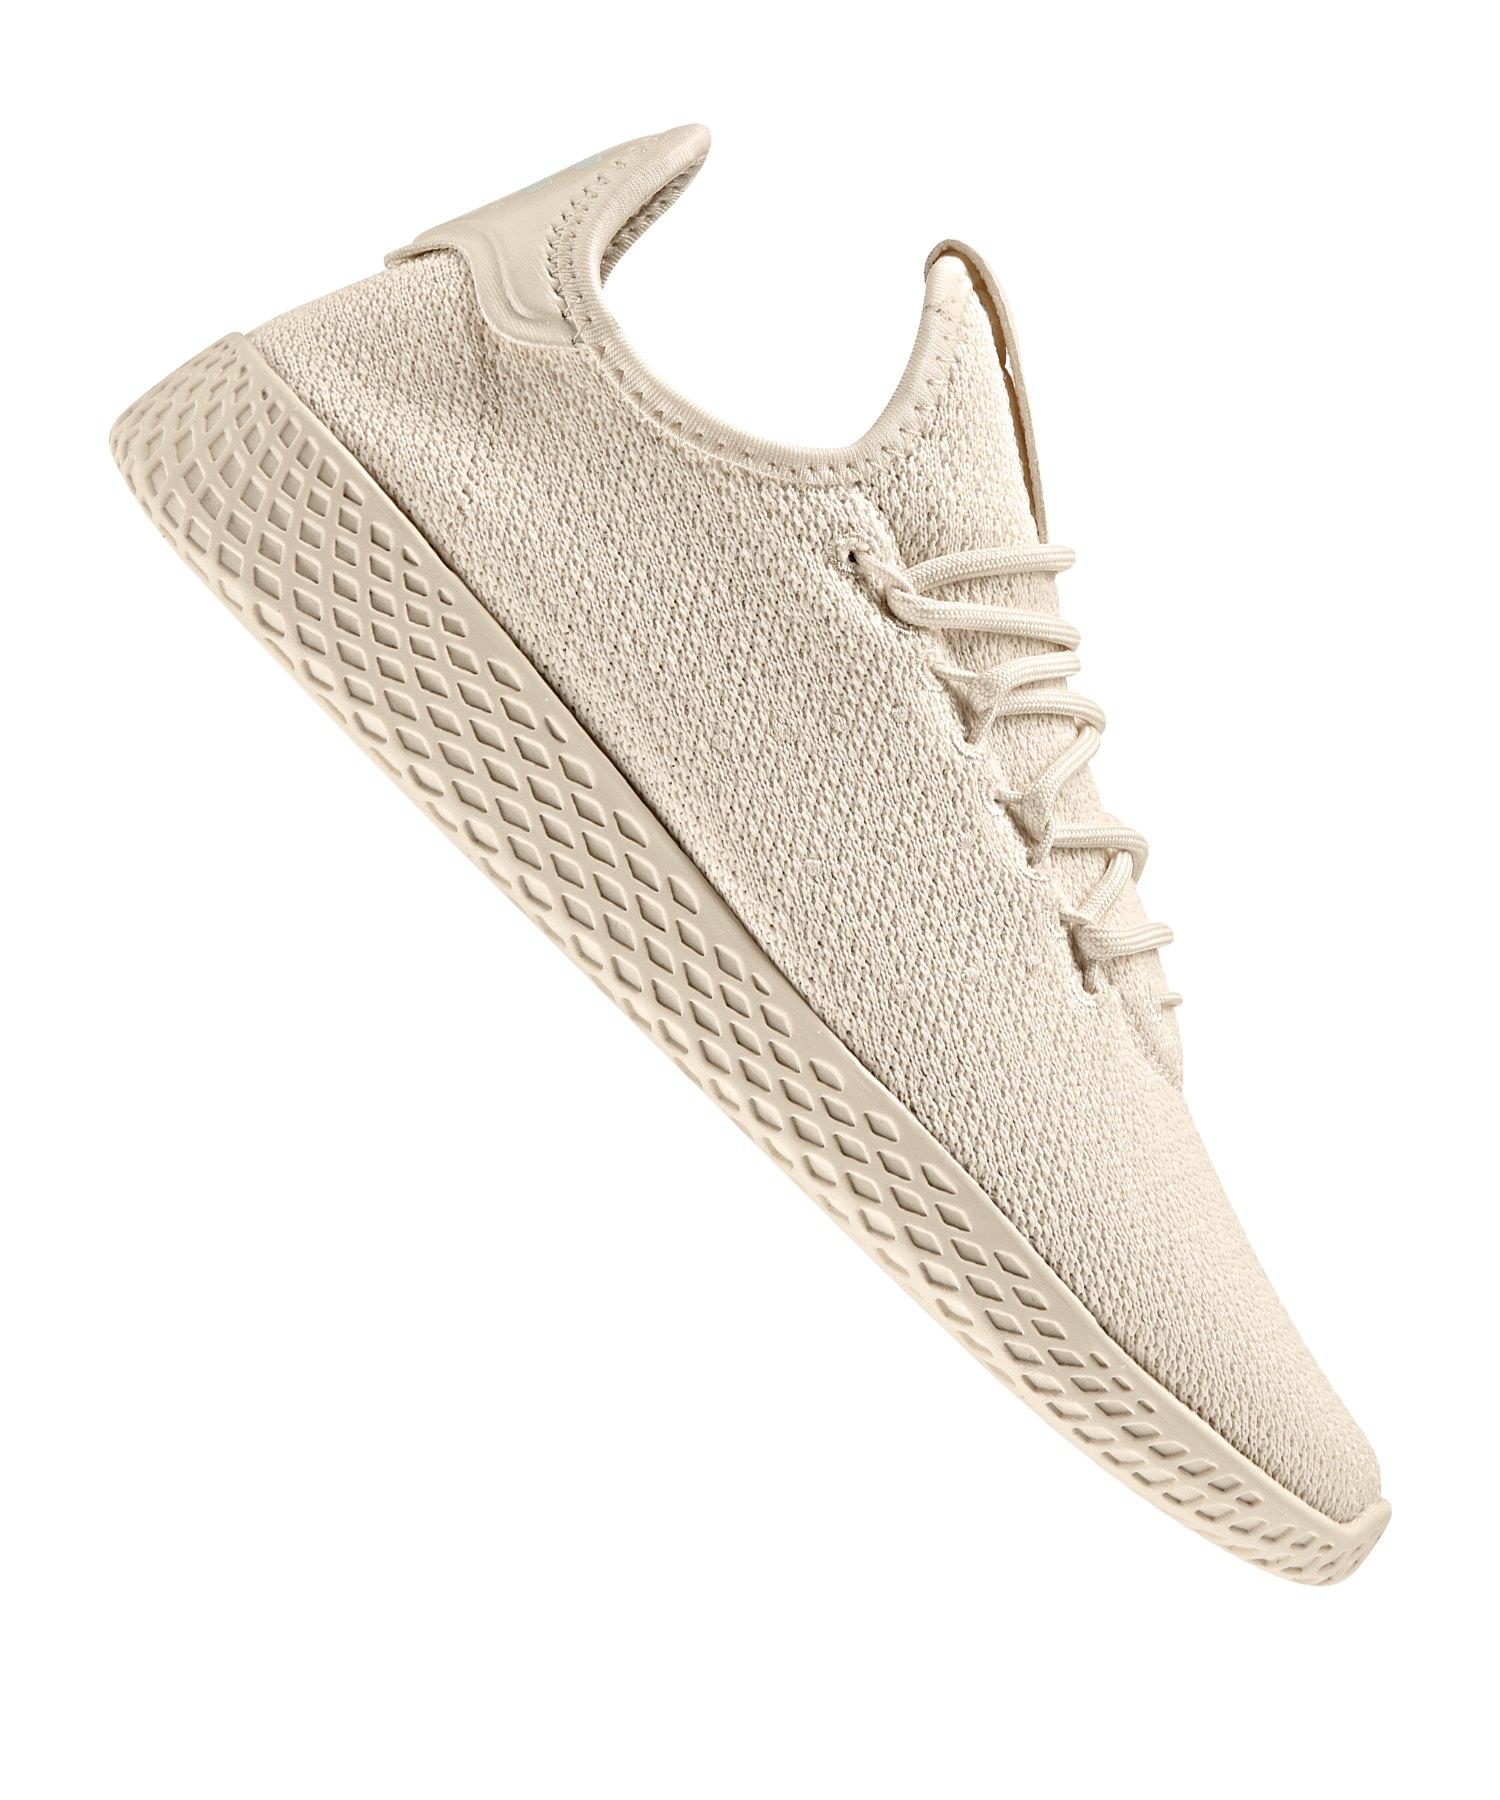 verschiedene Stile achten Sie auf billig werden adidas Originals PW Tennis HU Sneaker Damen Beige